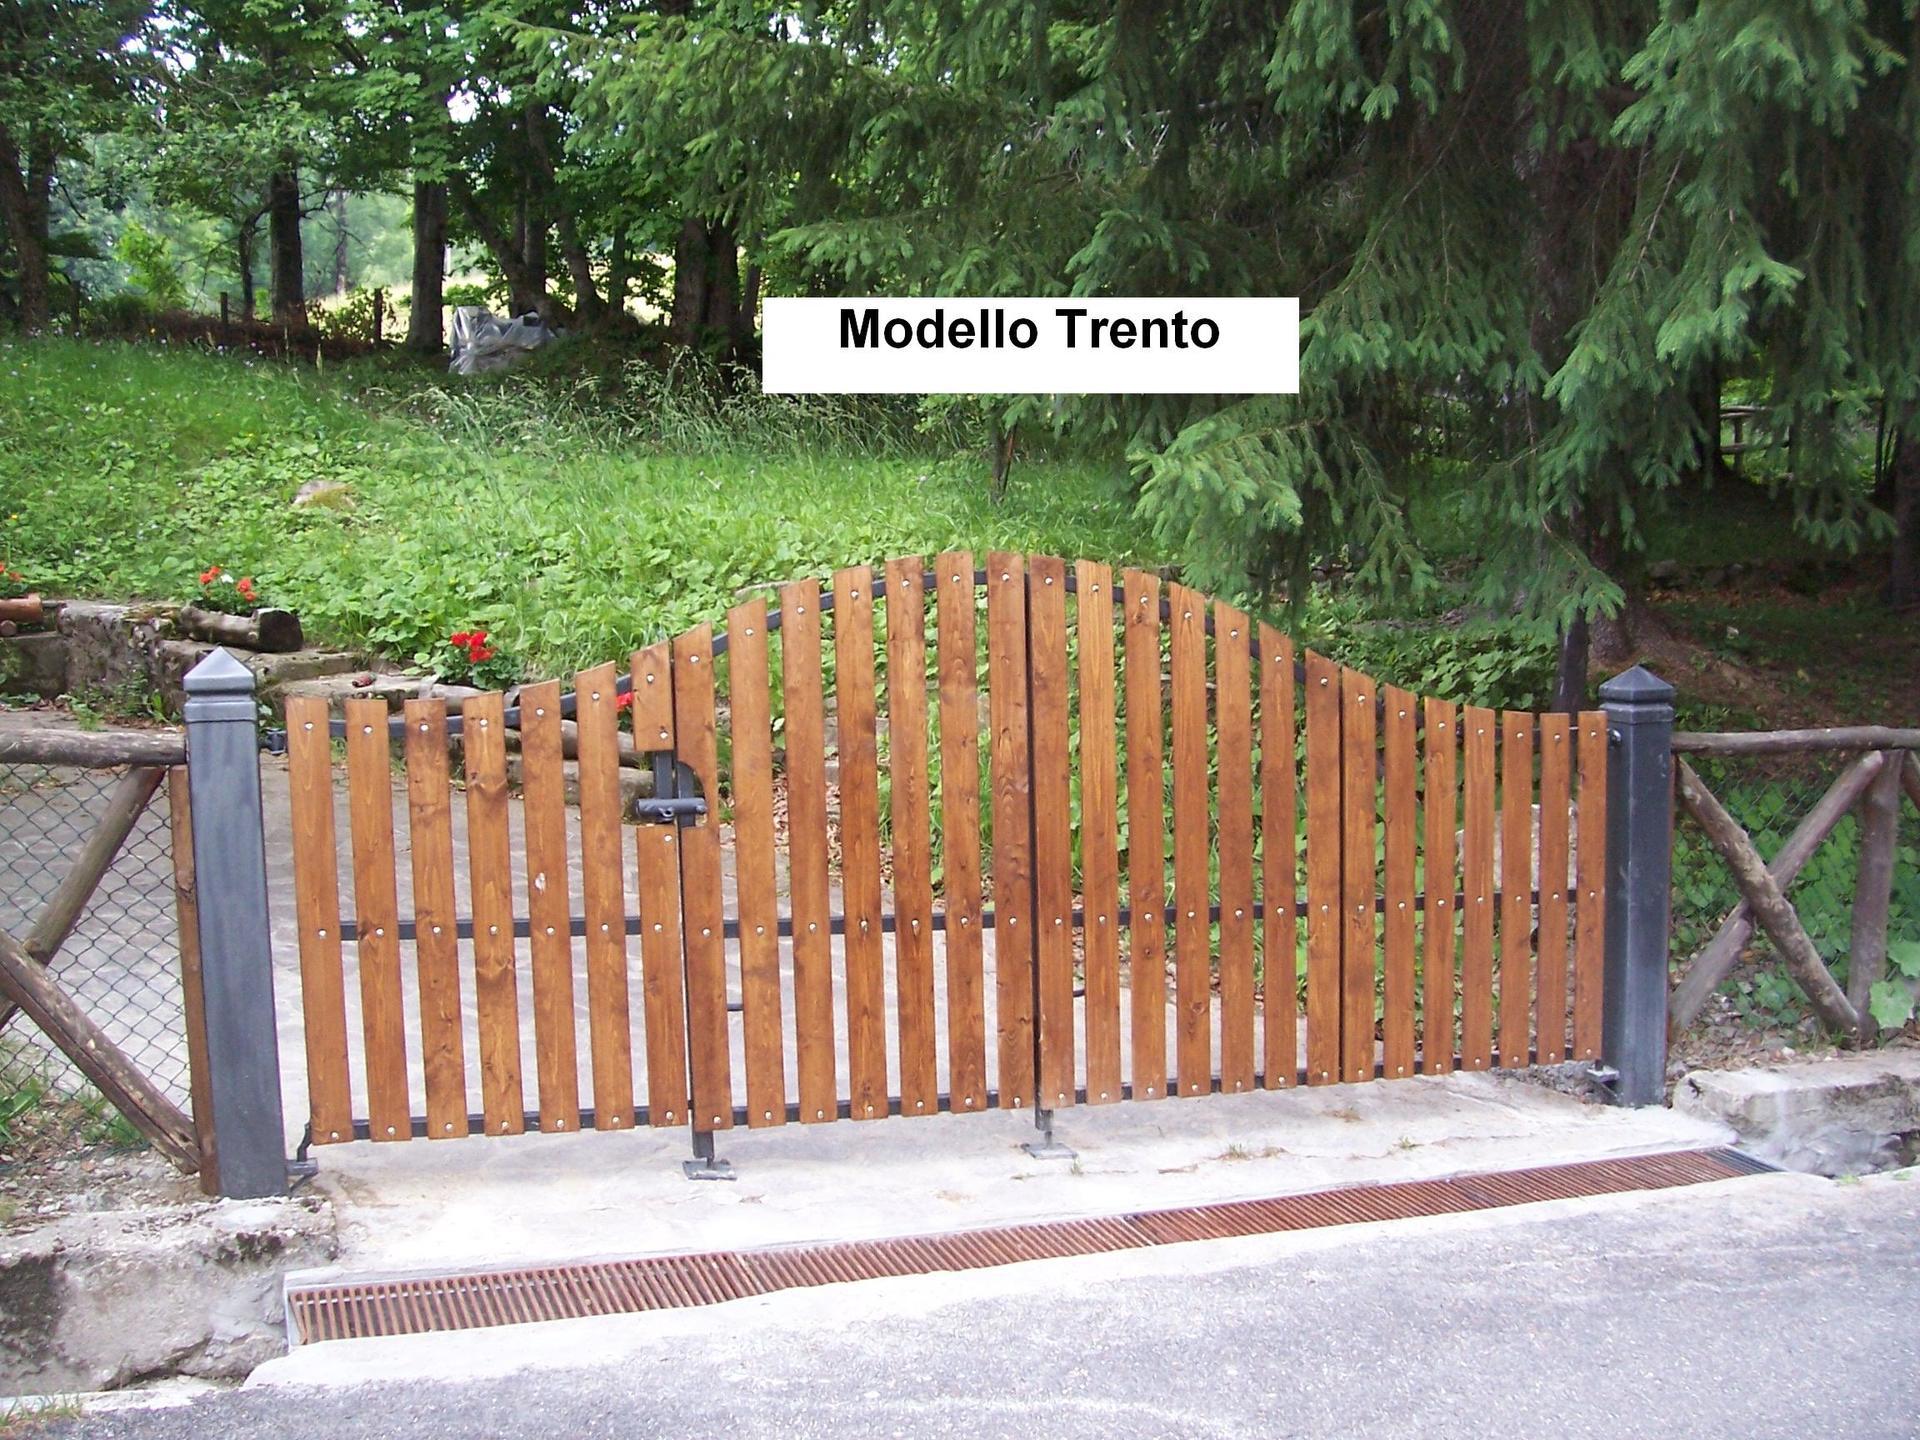 cancello Modello Trento